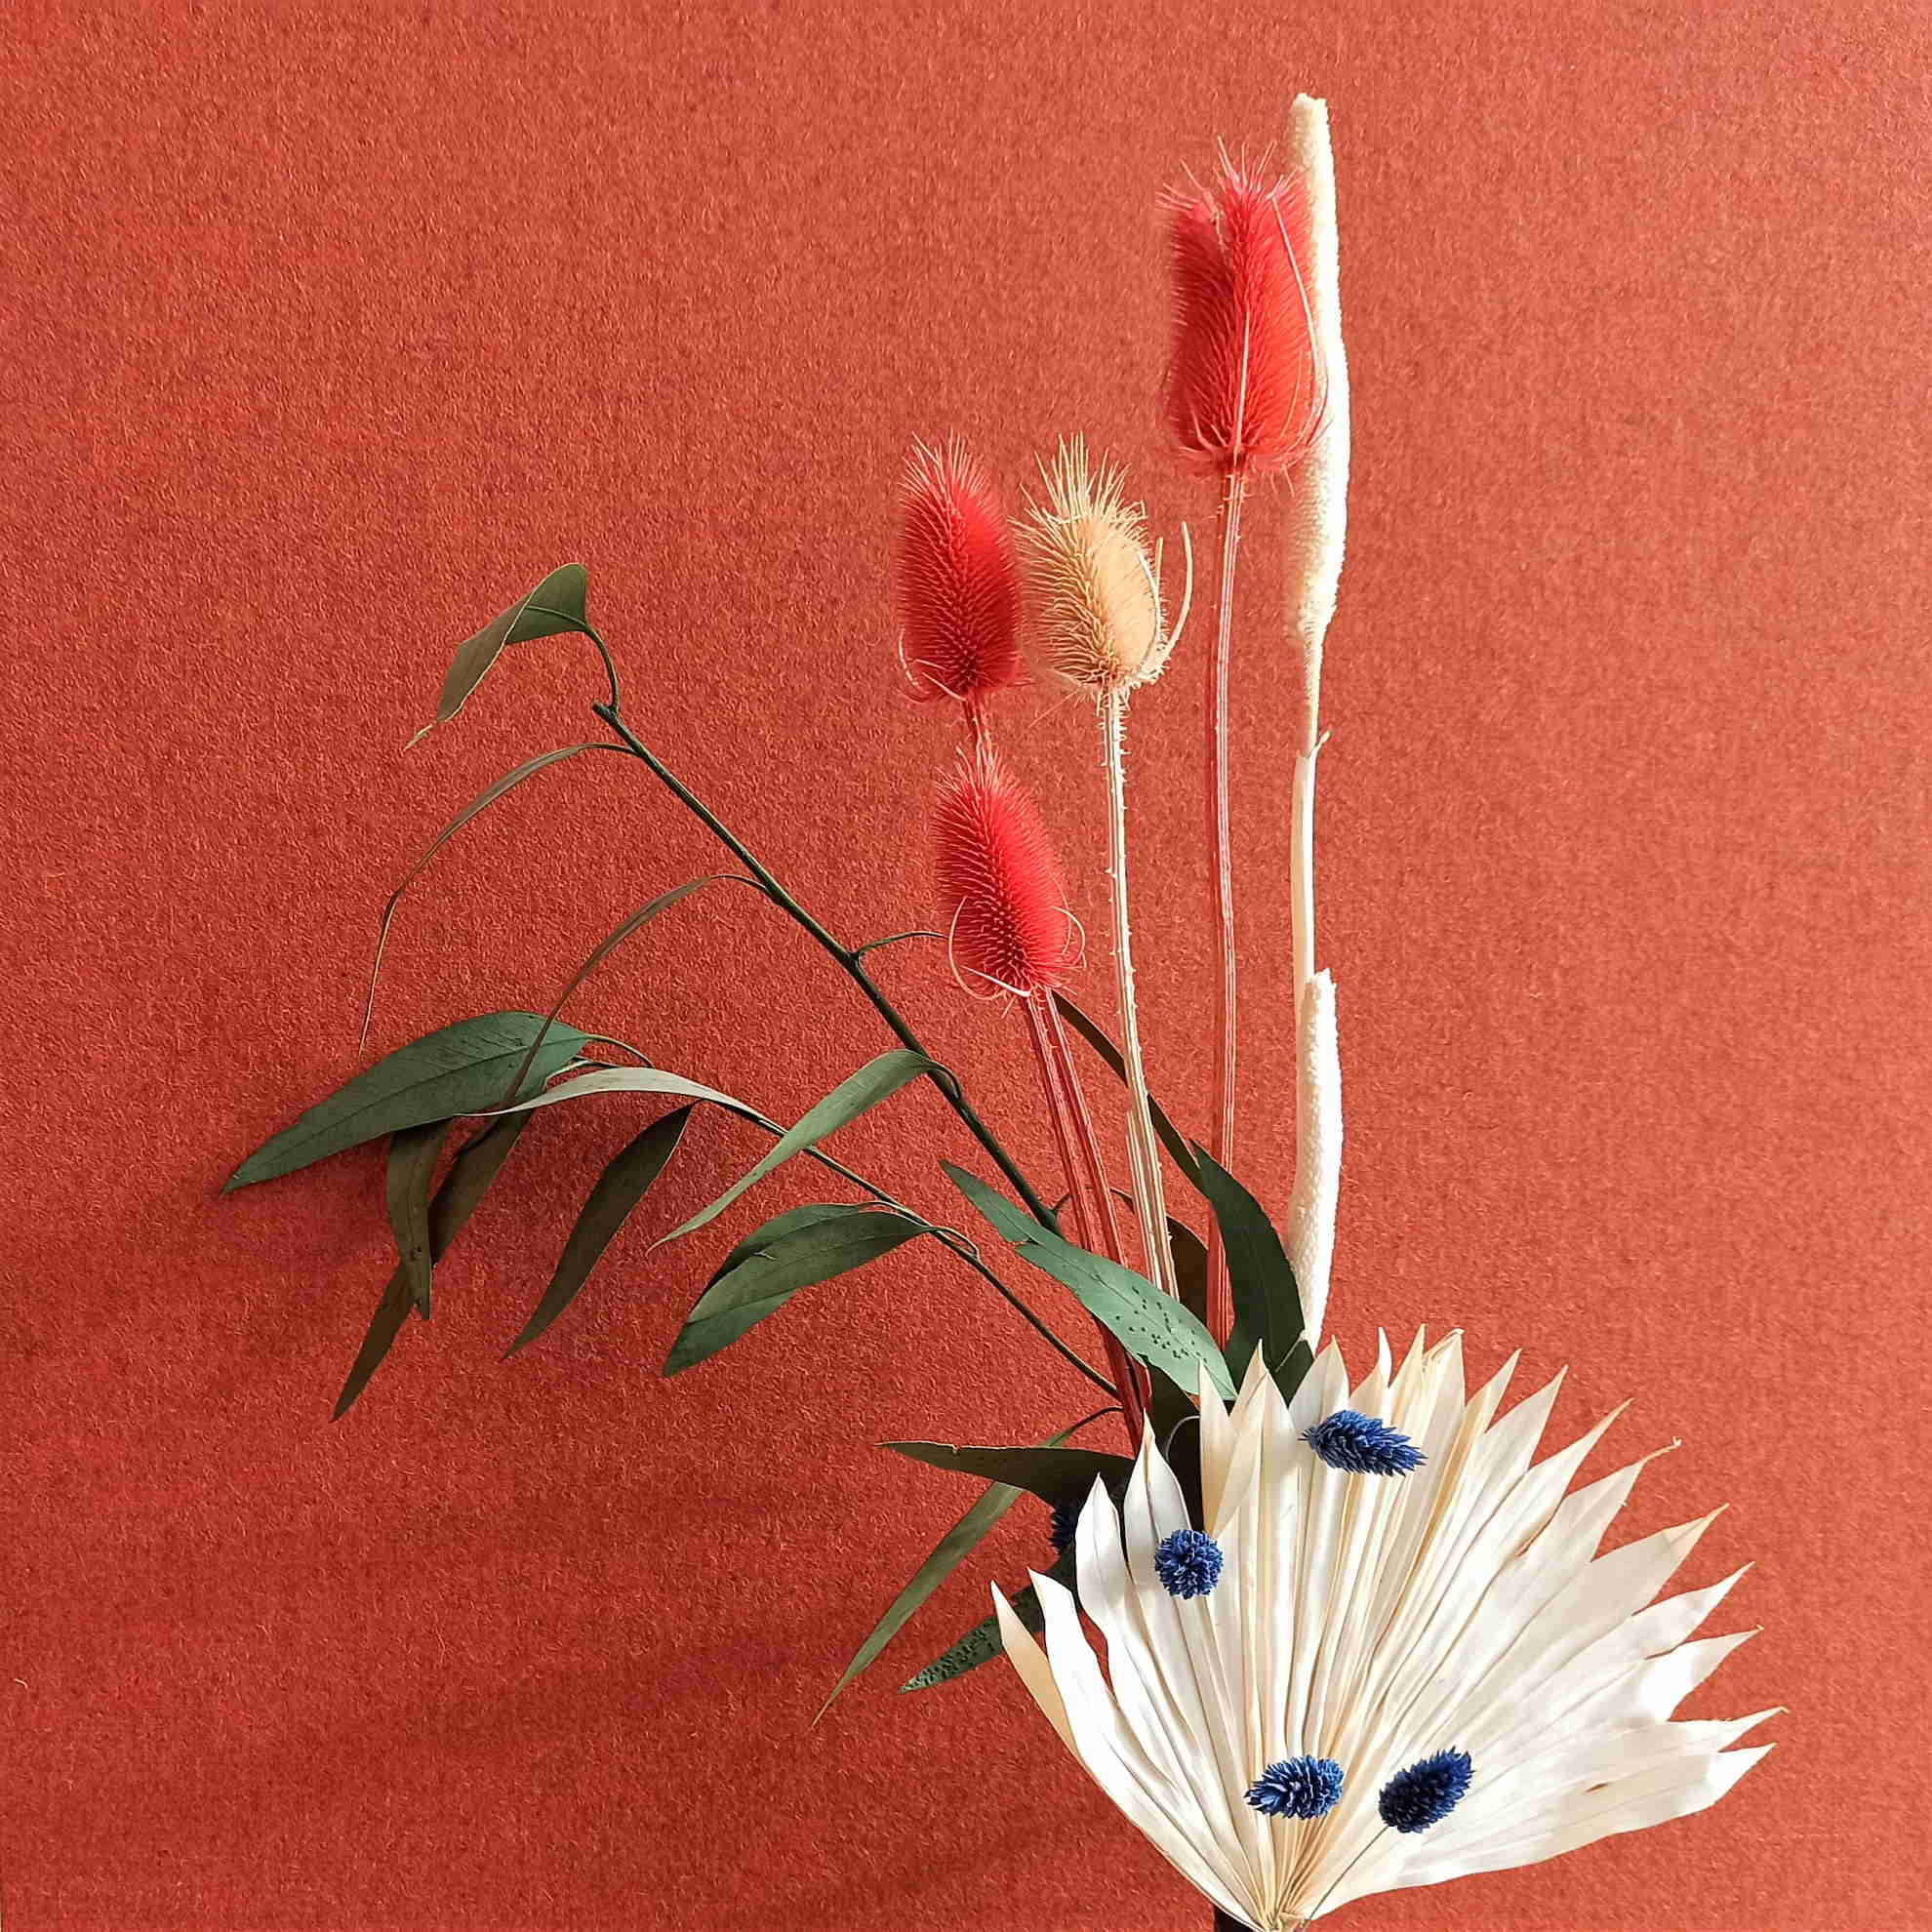 Harmonie chromatique florale d'Adeline Thuries © Atelier Marlène Vidal